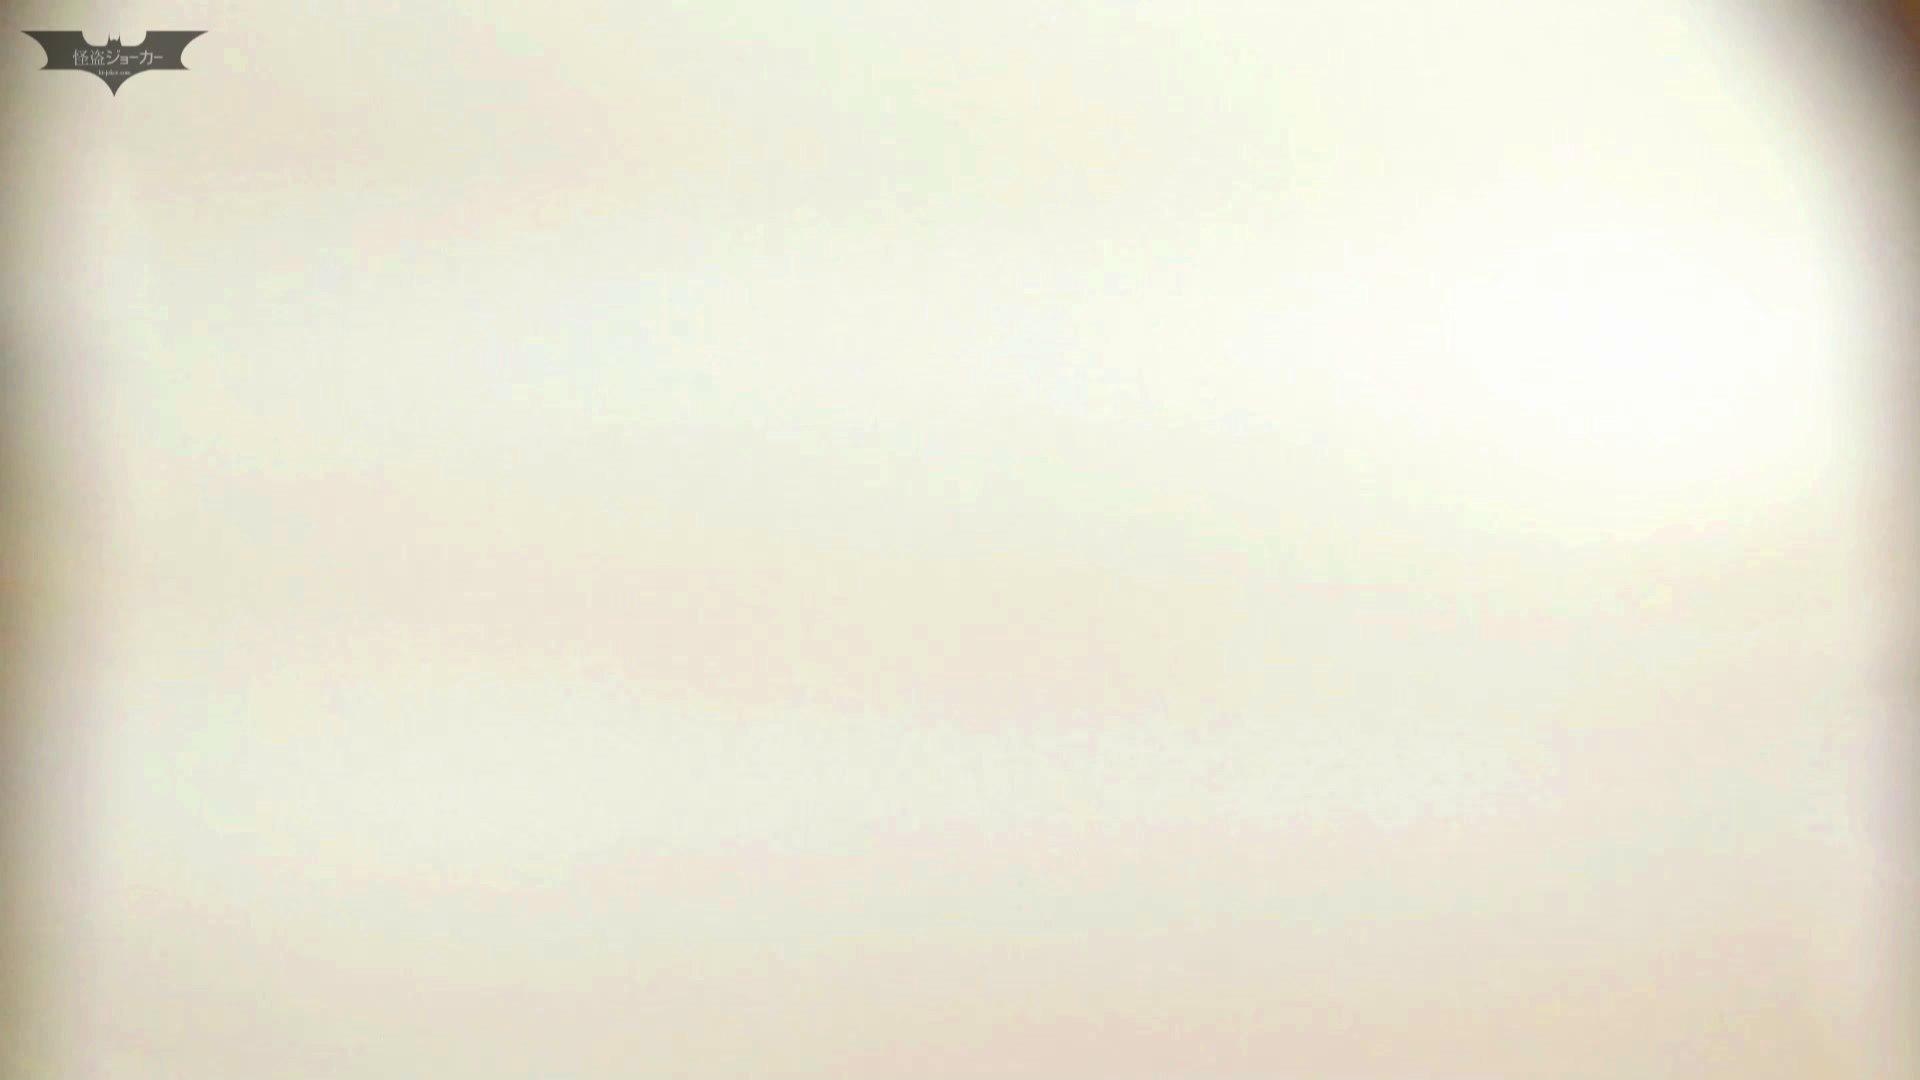 洗面所特攻隊 vol.68 前回のスーパー美女がついに【2015・14位】 洗面所着替え   OL  97連発 16